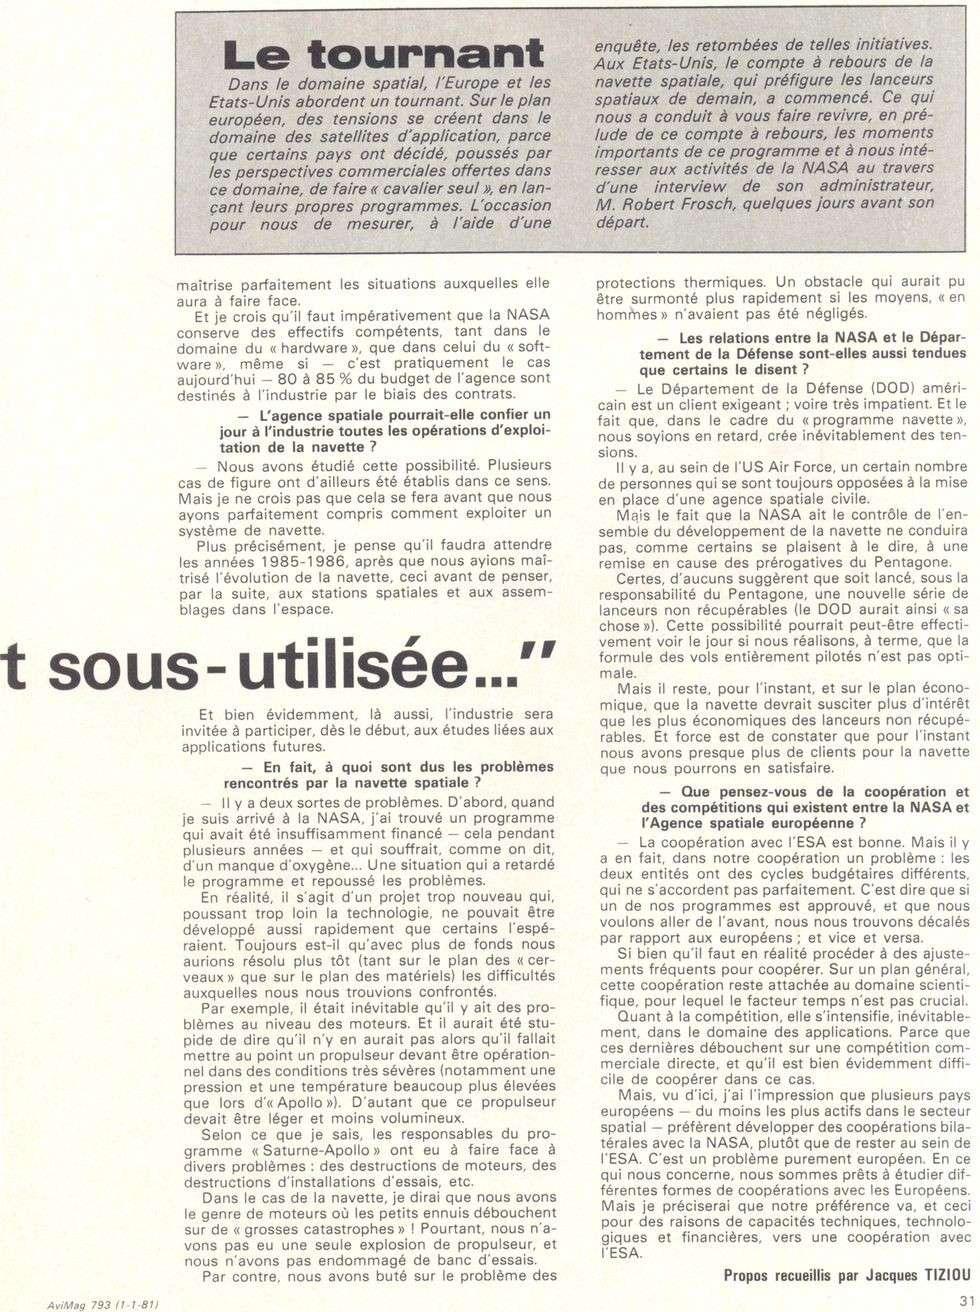 Grandeur et misère du programme spatial américain - Page 2 81010111